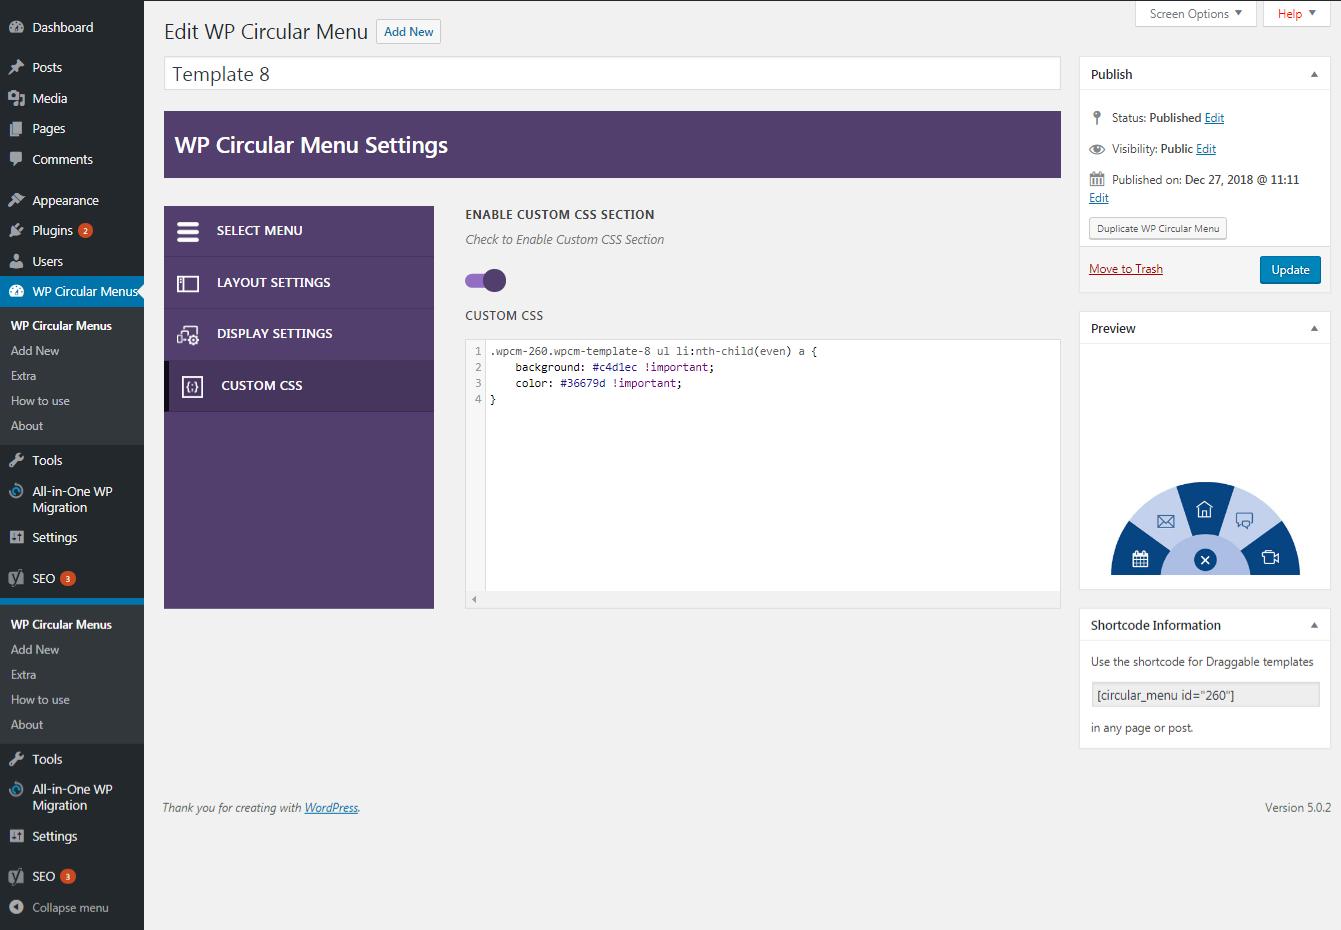 WP Circular Menu - Responsive Circular Menu Plugin for WordPress